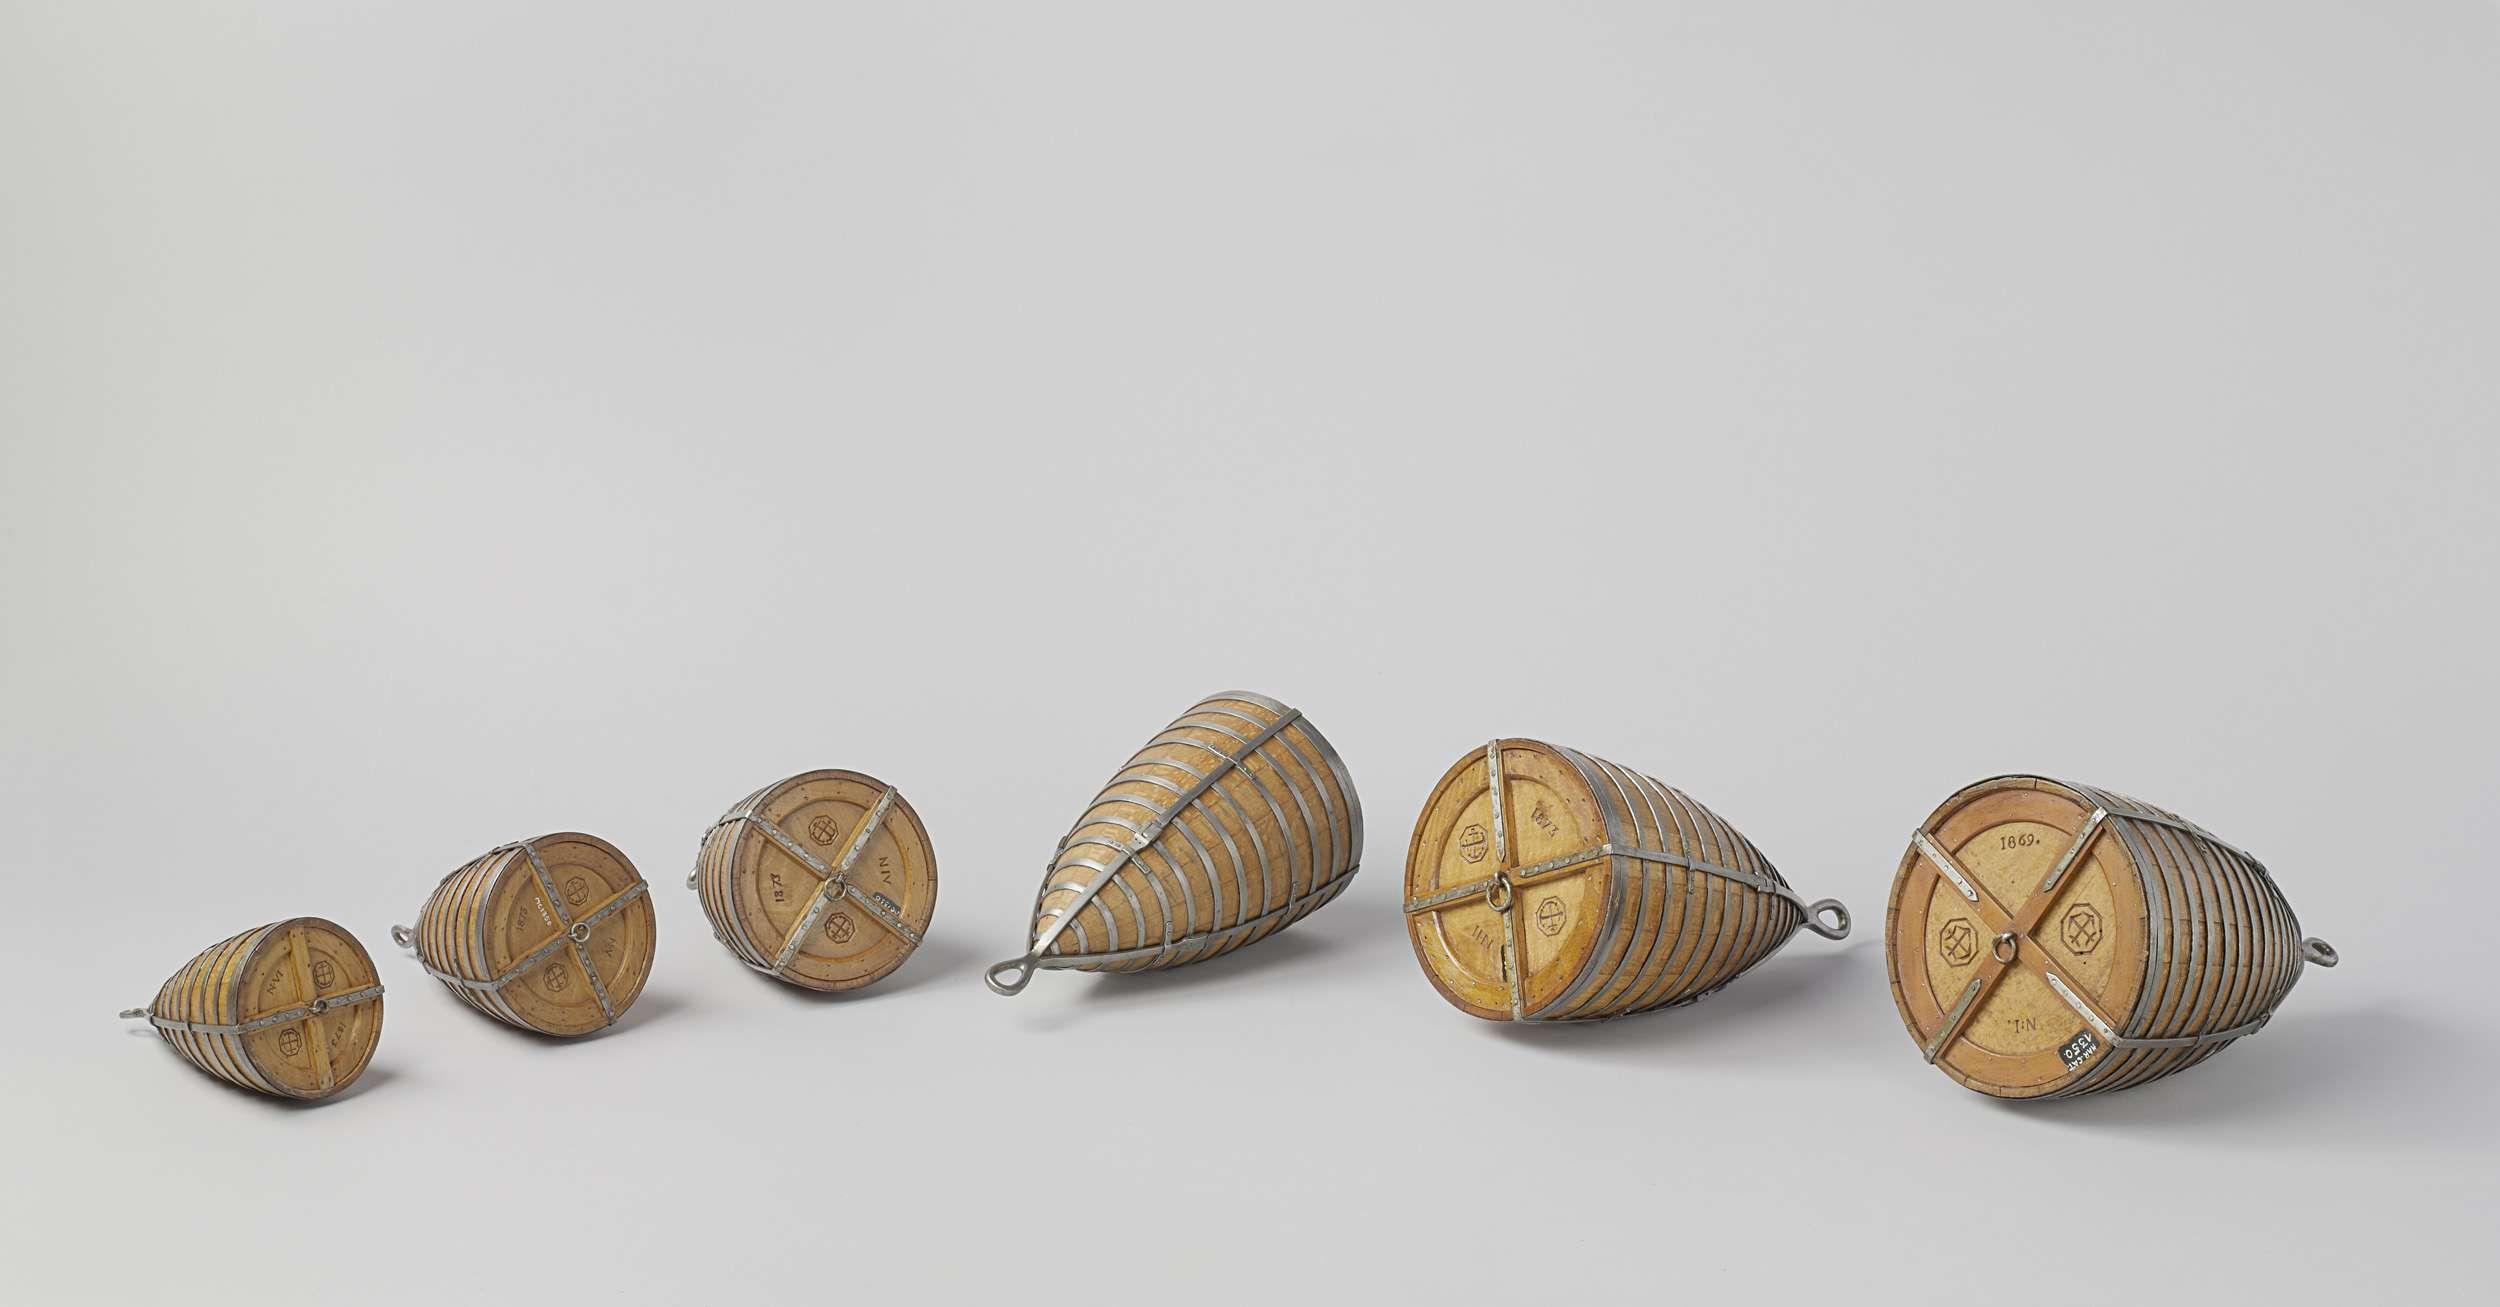 Rijkswerf Enkhuizen | Zes modellen van boeien, Rijkswerf Enkhuizen, 1869 - 1873 | Zes modellen van boeien (buiktonnen) van verschillende formaten. Zij hebben conische lichamen met een scherp uiteinde en een ronde platte bovenkant met een ring in het midden. Zoals vaten zijn zij samengesteld van duigen en hoepels. Onderaan zit een oog voor de ankerketting. Alle modellen zijn met gekruiste ankers gemerkt. Schaal 1:10 (archief).